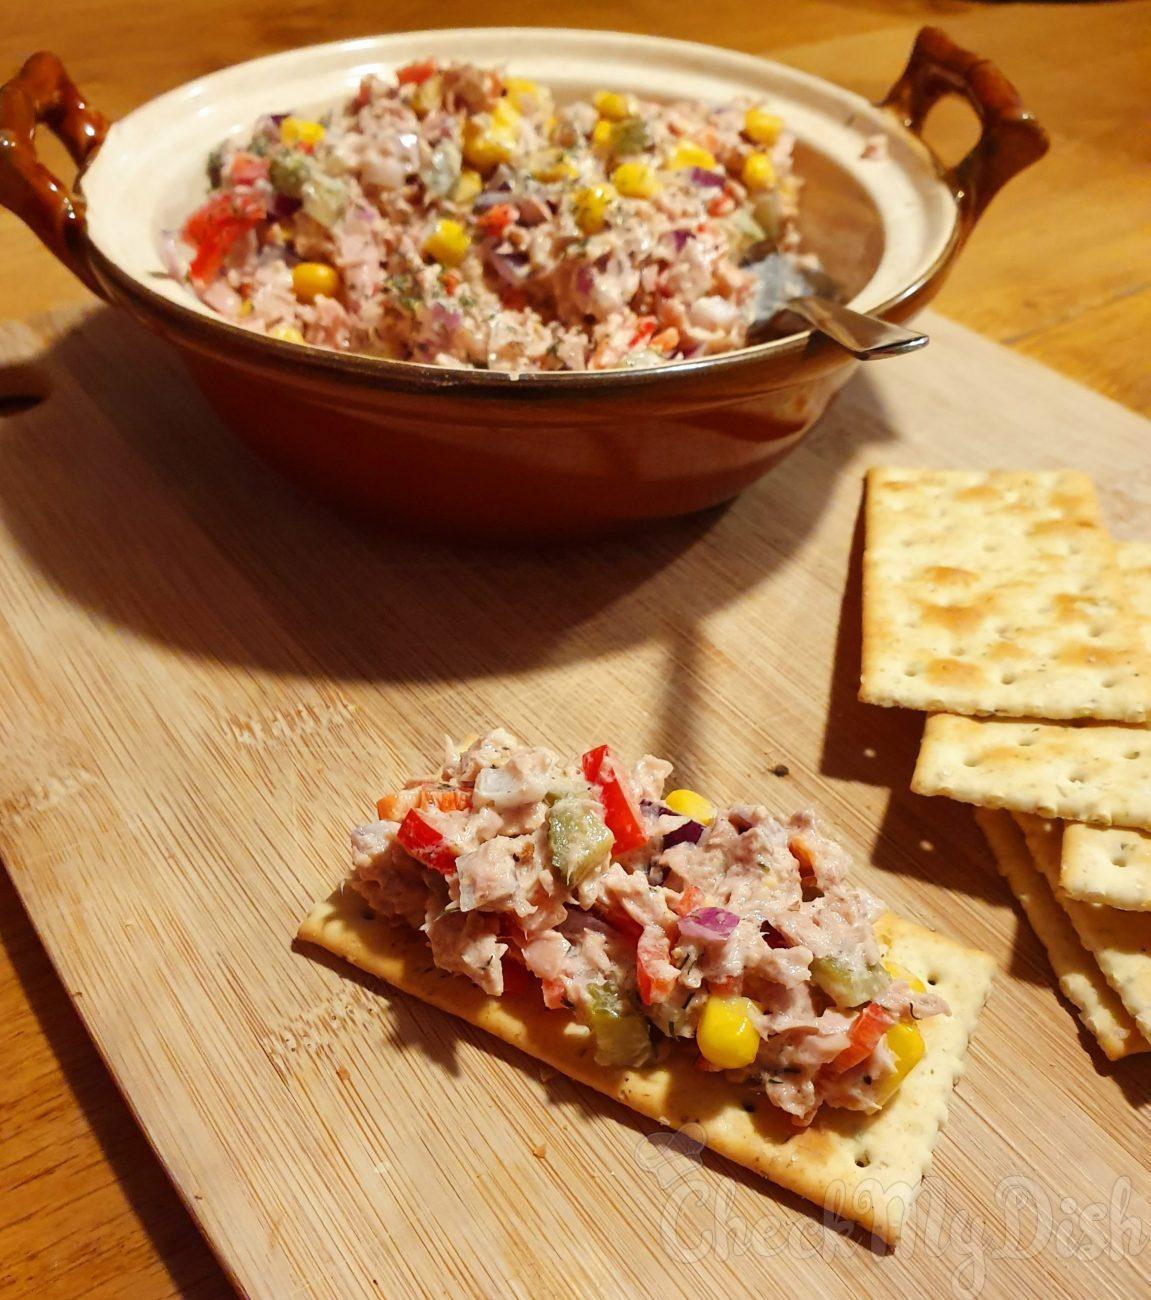 Tonijnsalade met augurk en paprika